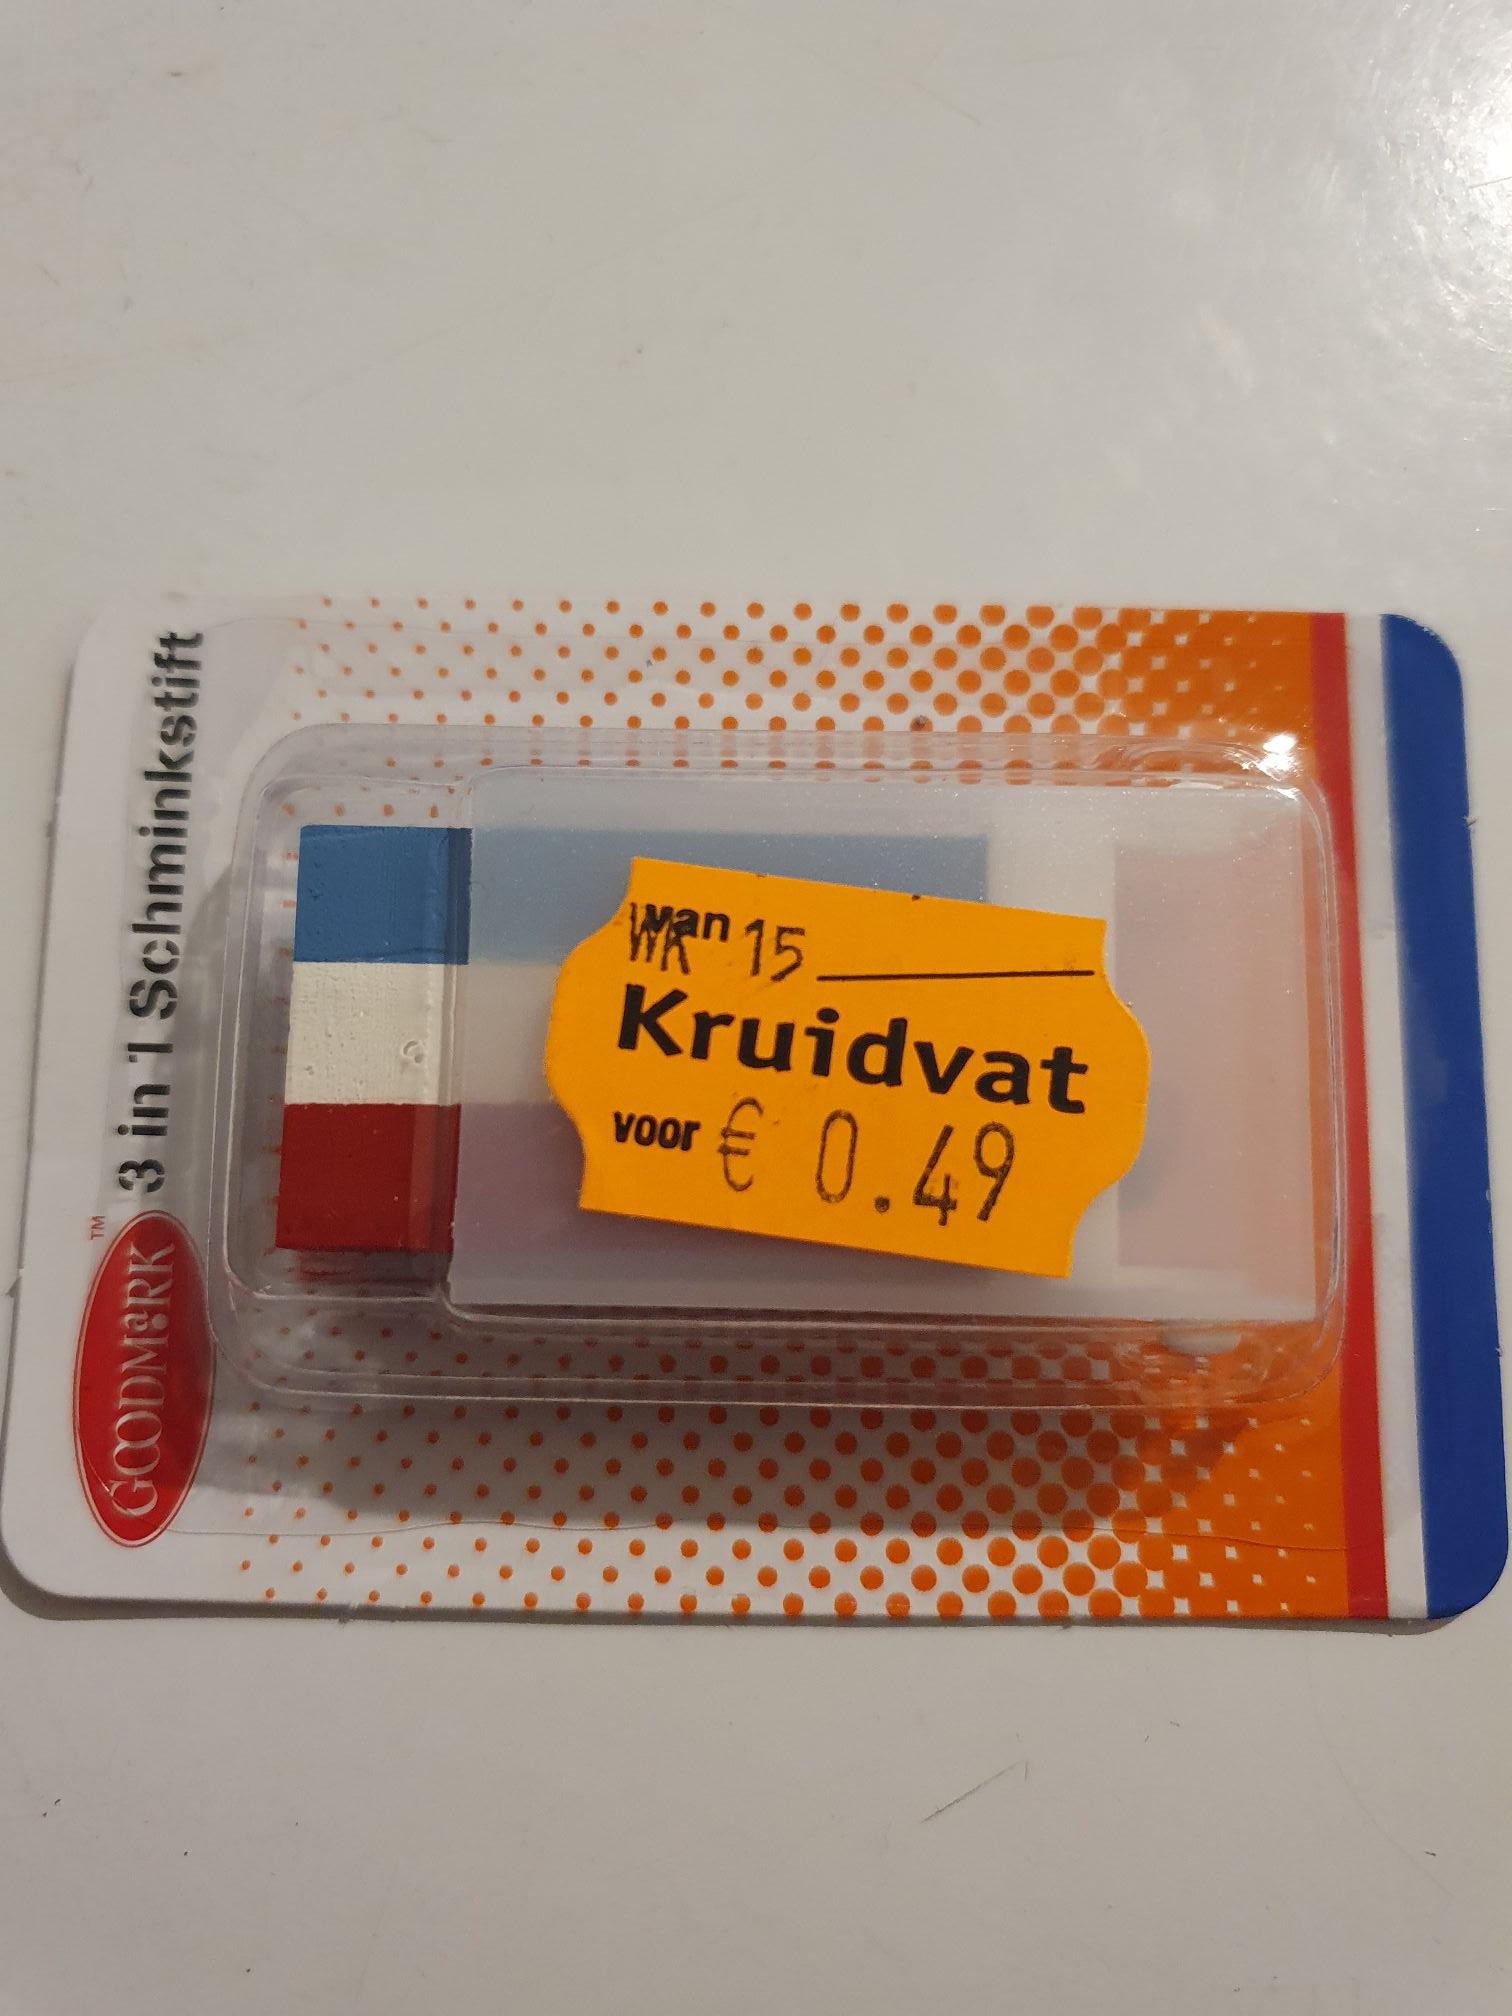 Schminkstift €0.49 @kruidvat